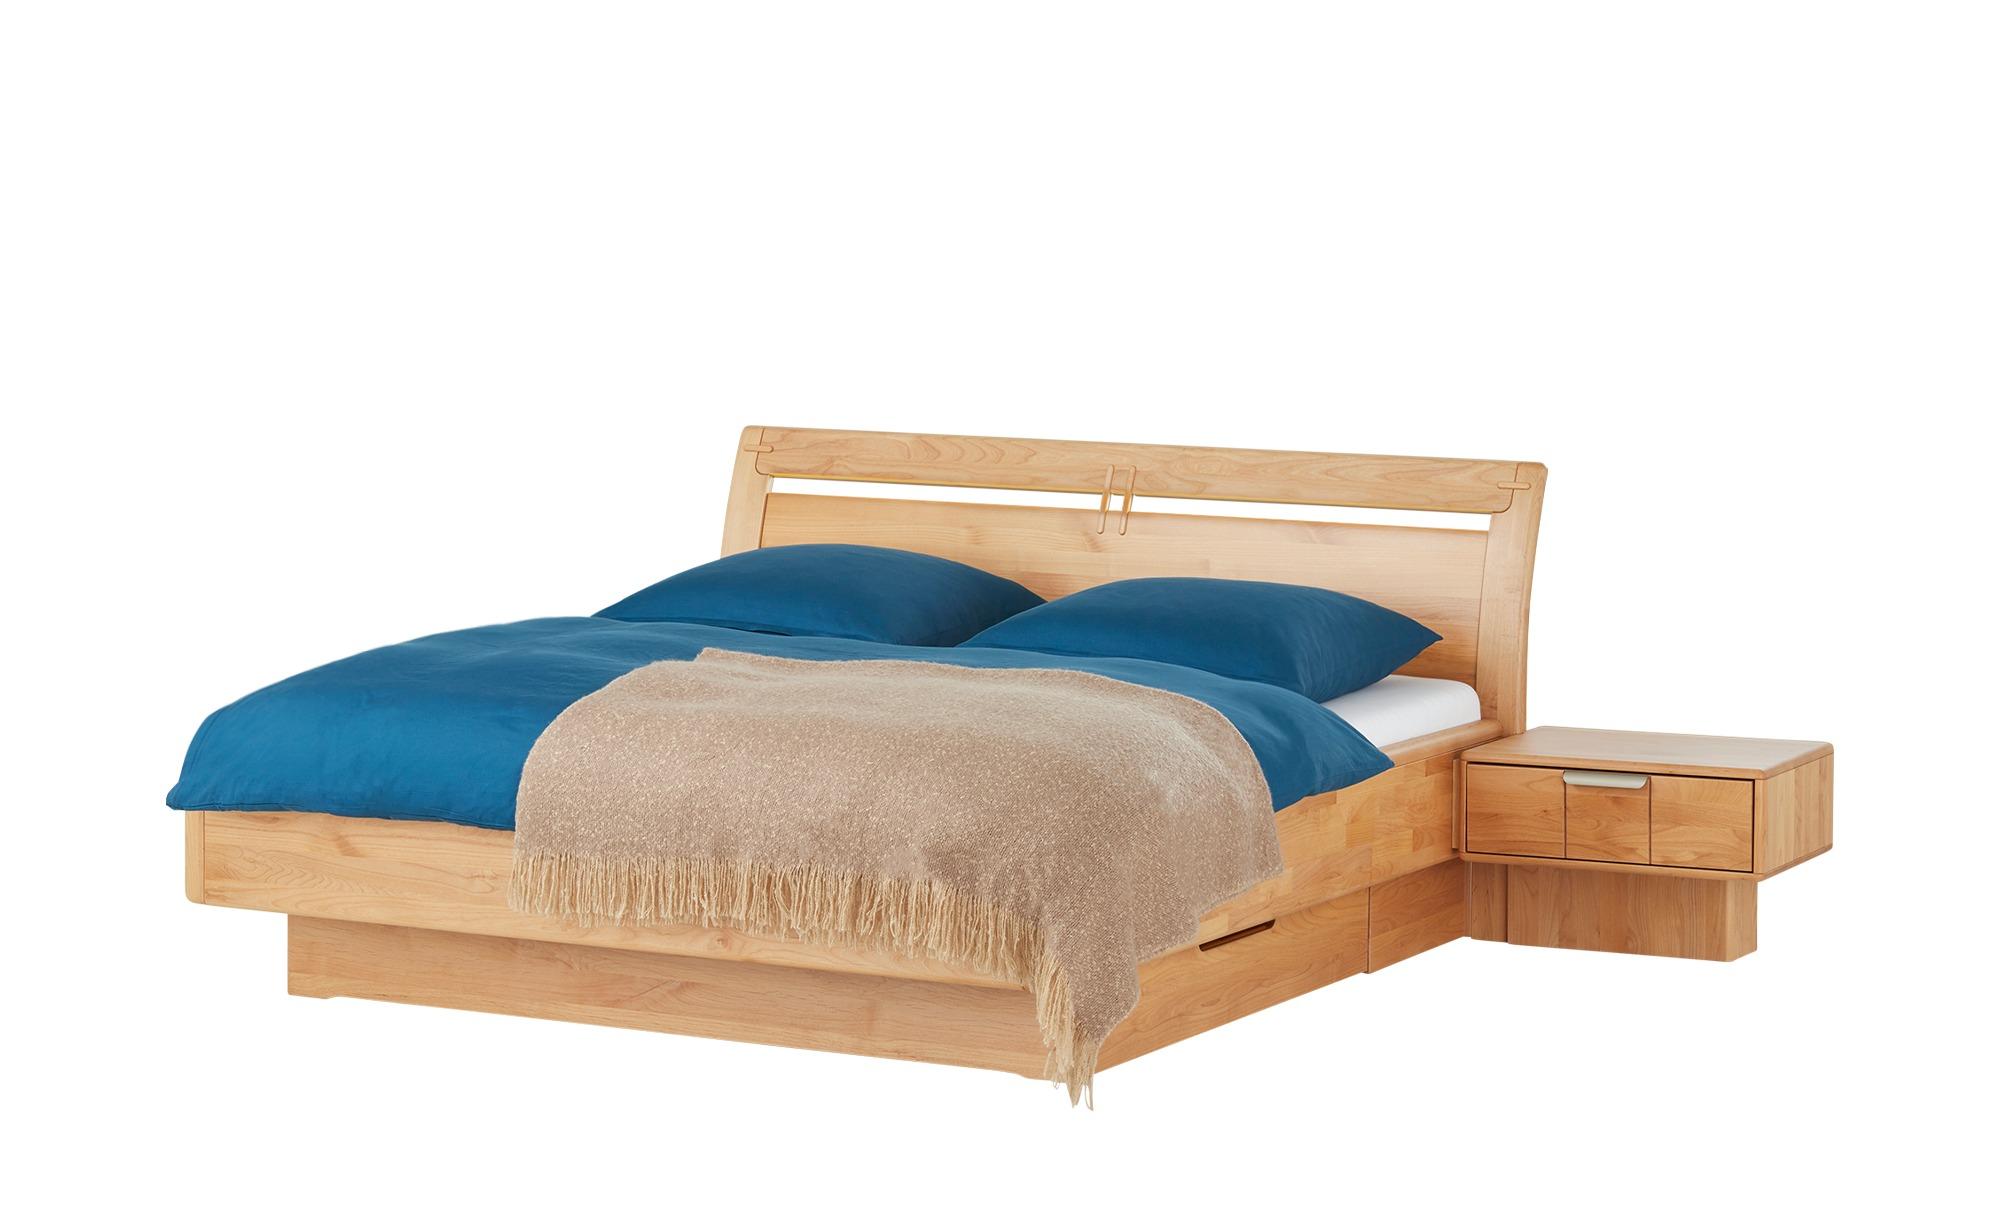 Bettanlage  WSM 2000 ¦ holzfarben ¦ Maße (cm): B: 196 H: 99,8 Betten > Futonbetten - Höffner